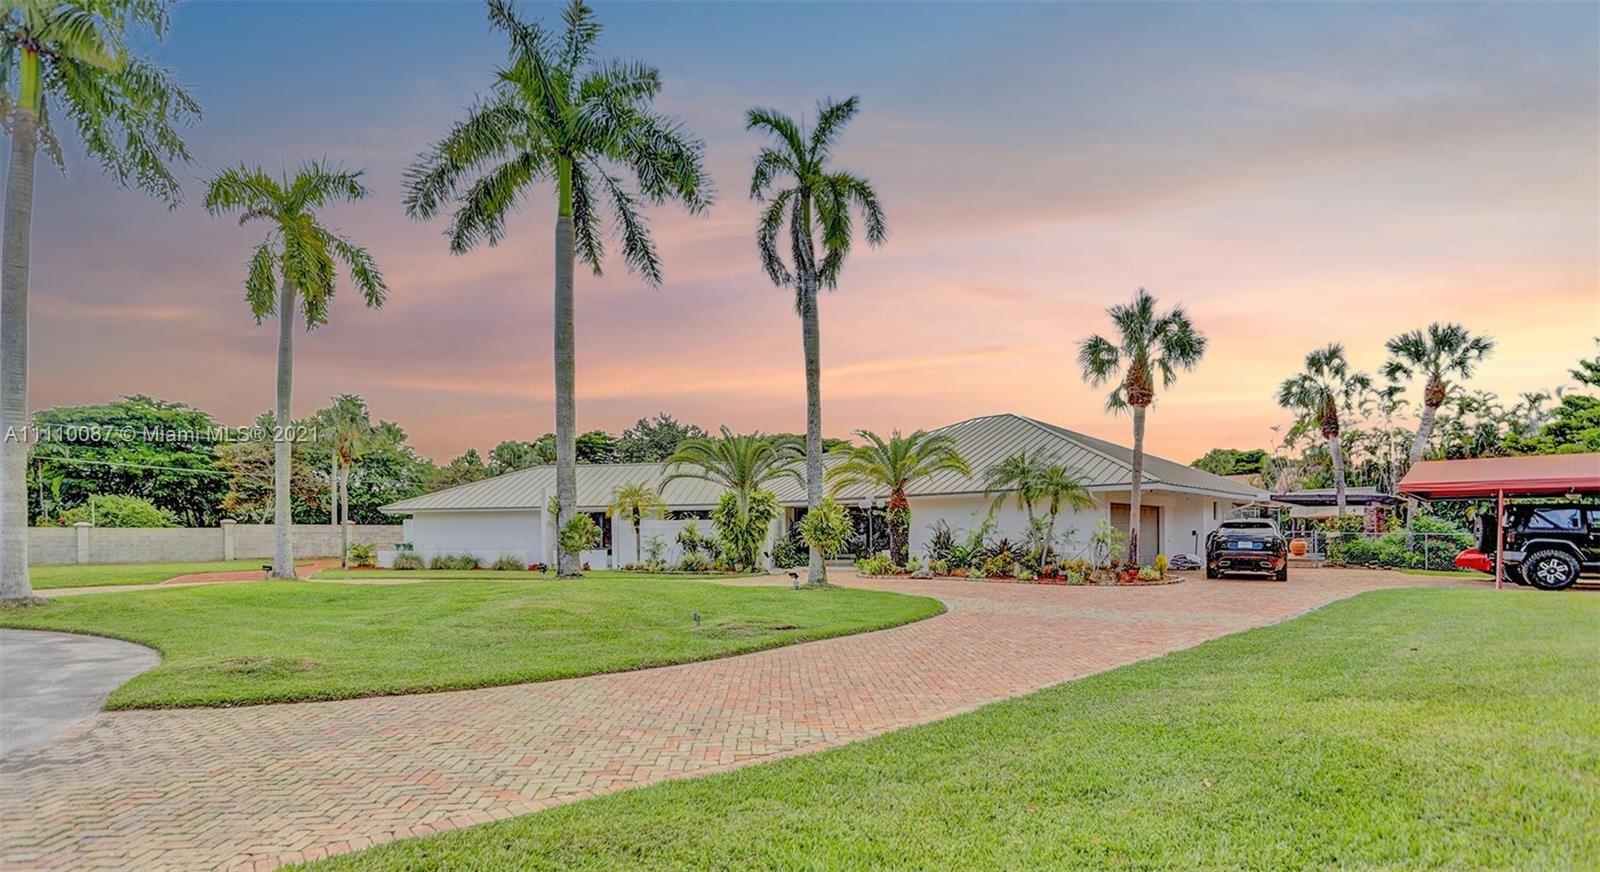 10500 SW 87th Ct, Miami, FL 33176 - #: A11110087